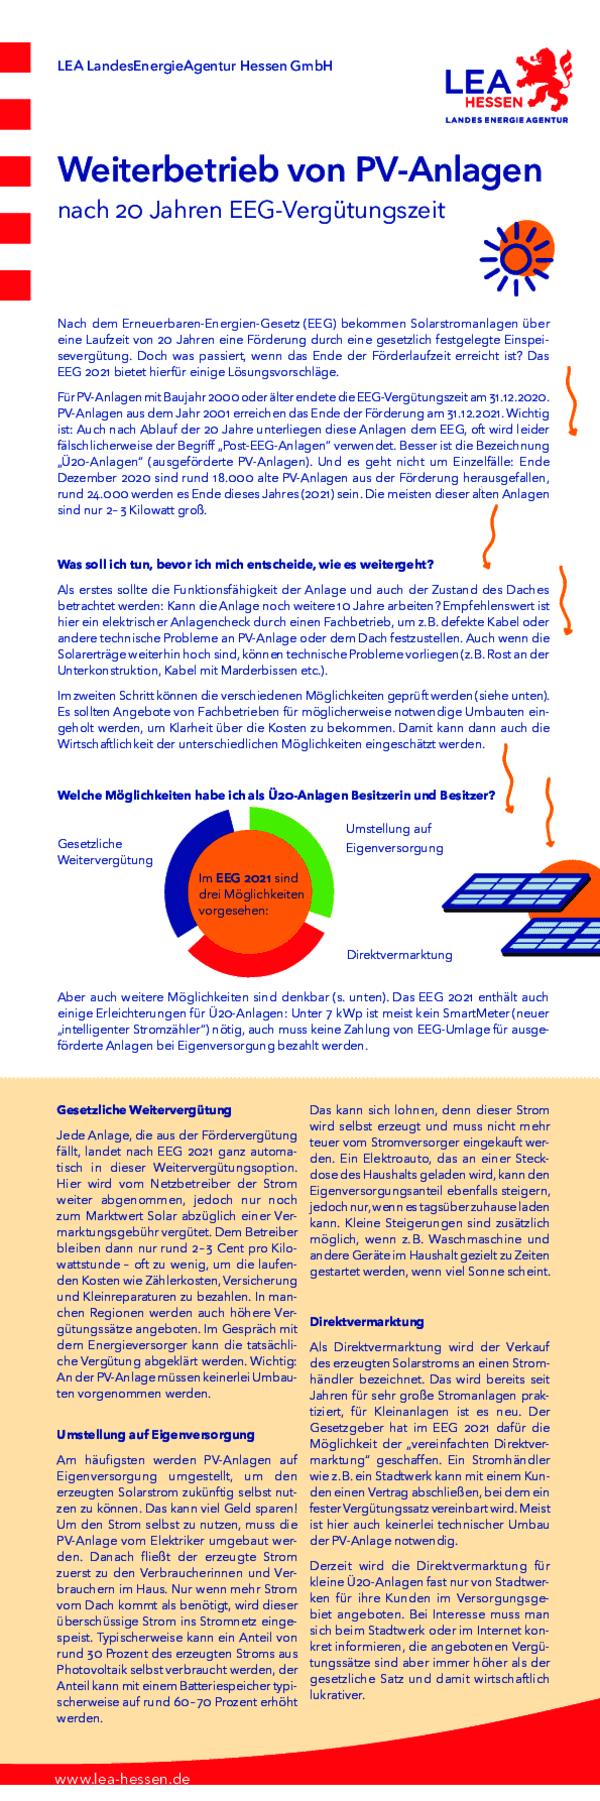 Weiterbetrieb von PV-Anlagen nach 20 Jahren EEG-Vergütungszeit